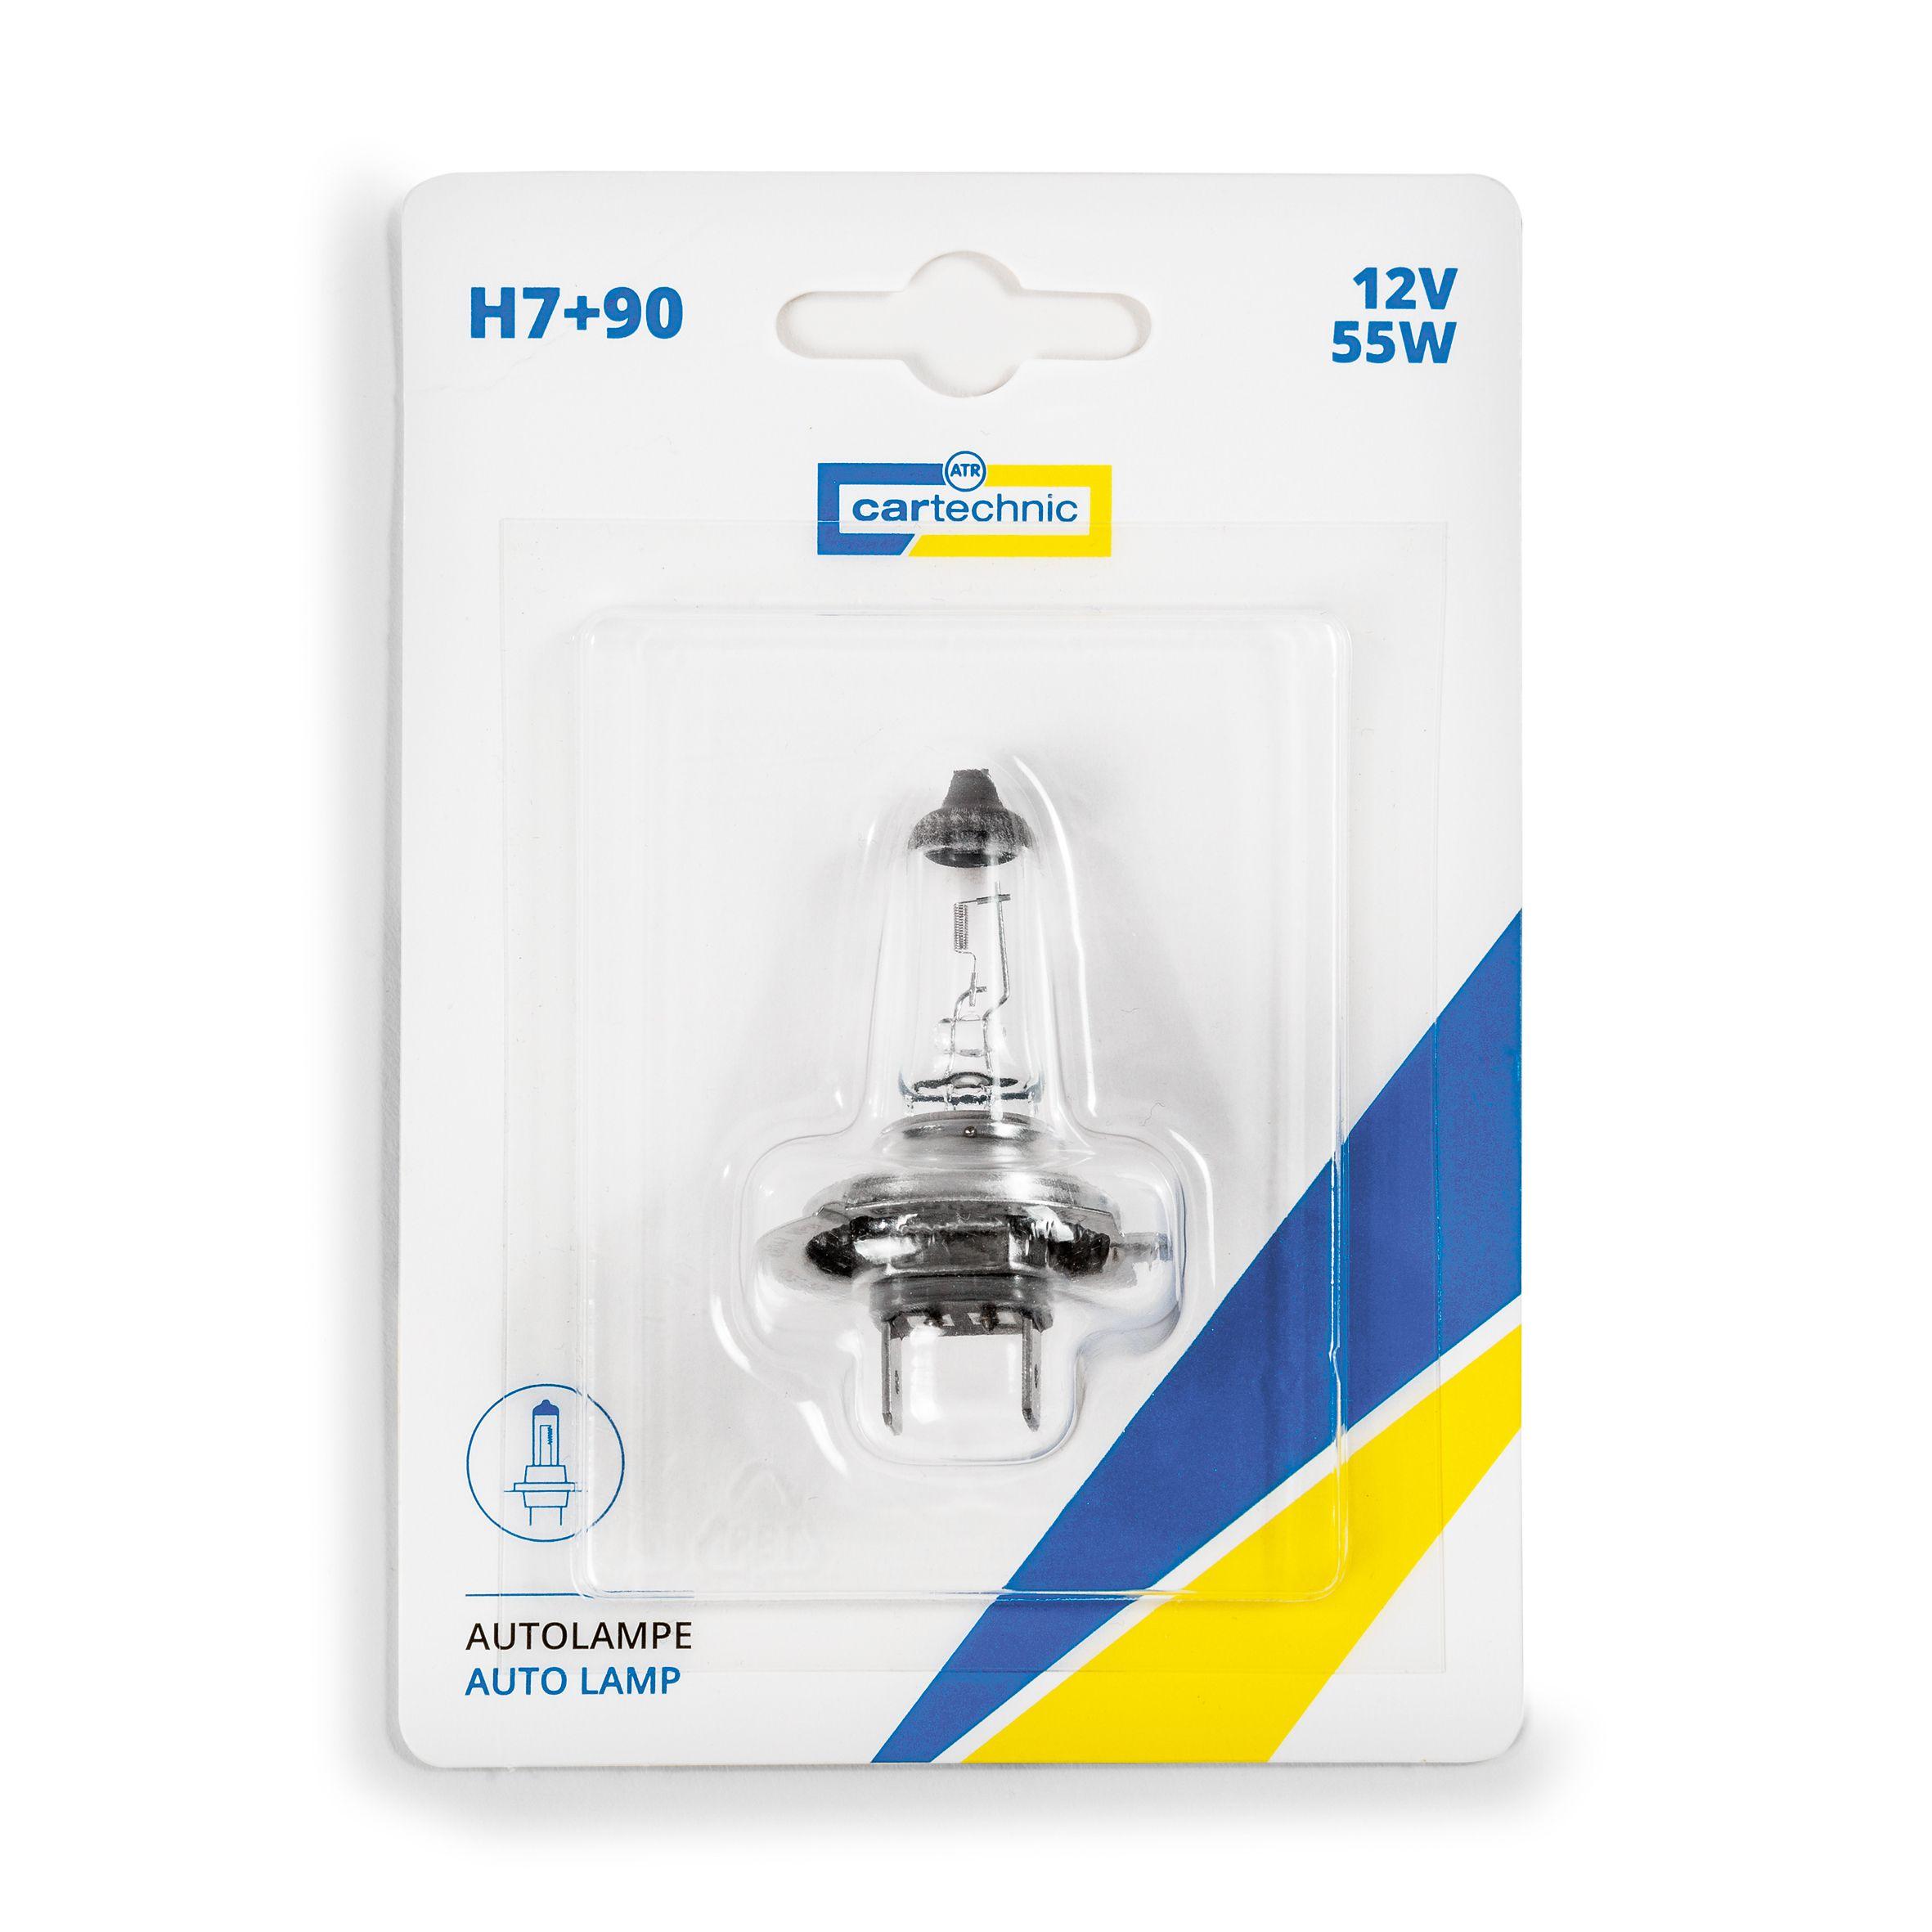 CARTECHNIC Glühlampe Glühbirne Scheinwerferlampe H7 +90% 12 Volt 55 Watt Blister 40 27289 03510 9